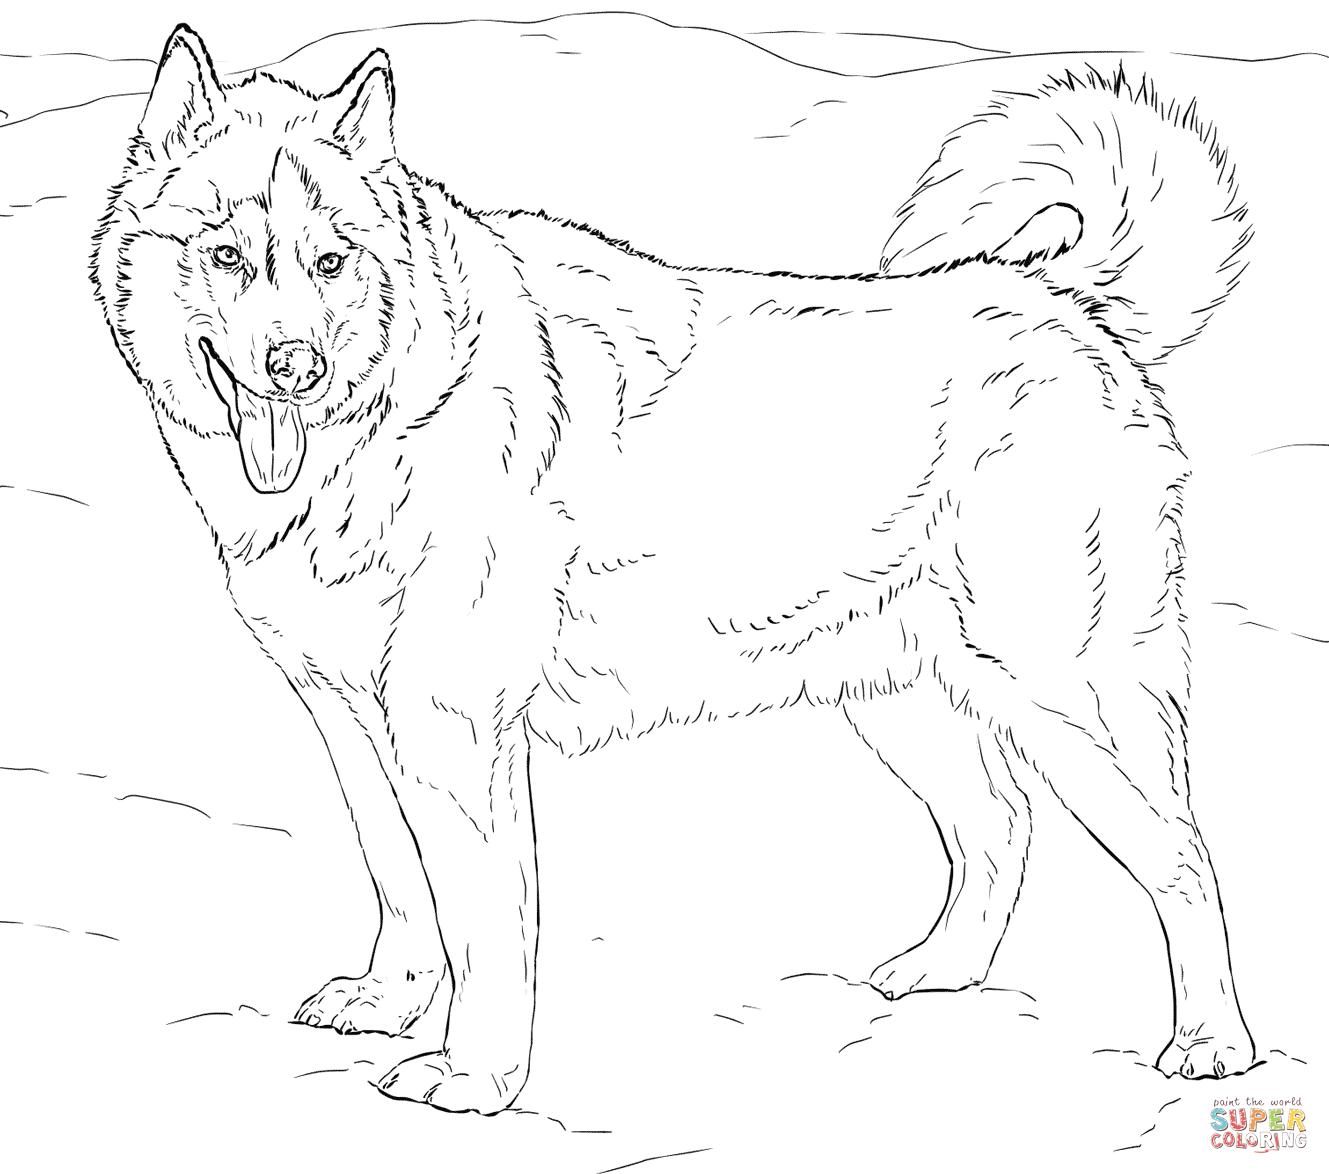 Husky Dog Coloring Pages 8c5c365f56a11fae3a1e29fa90dcbb43 Coloriage Dessin Art